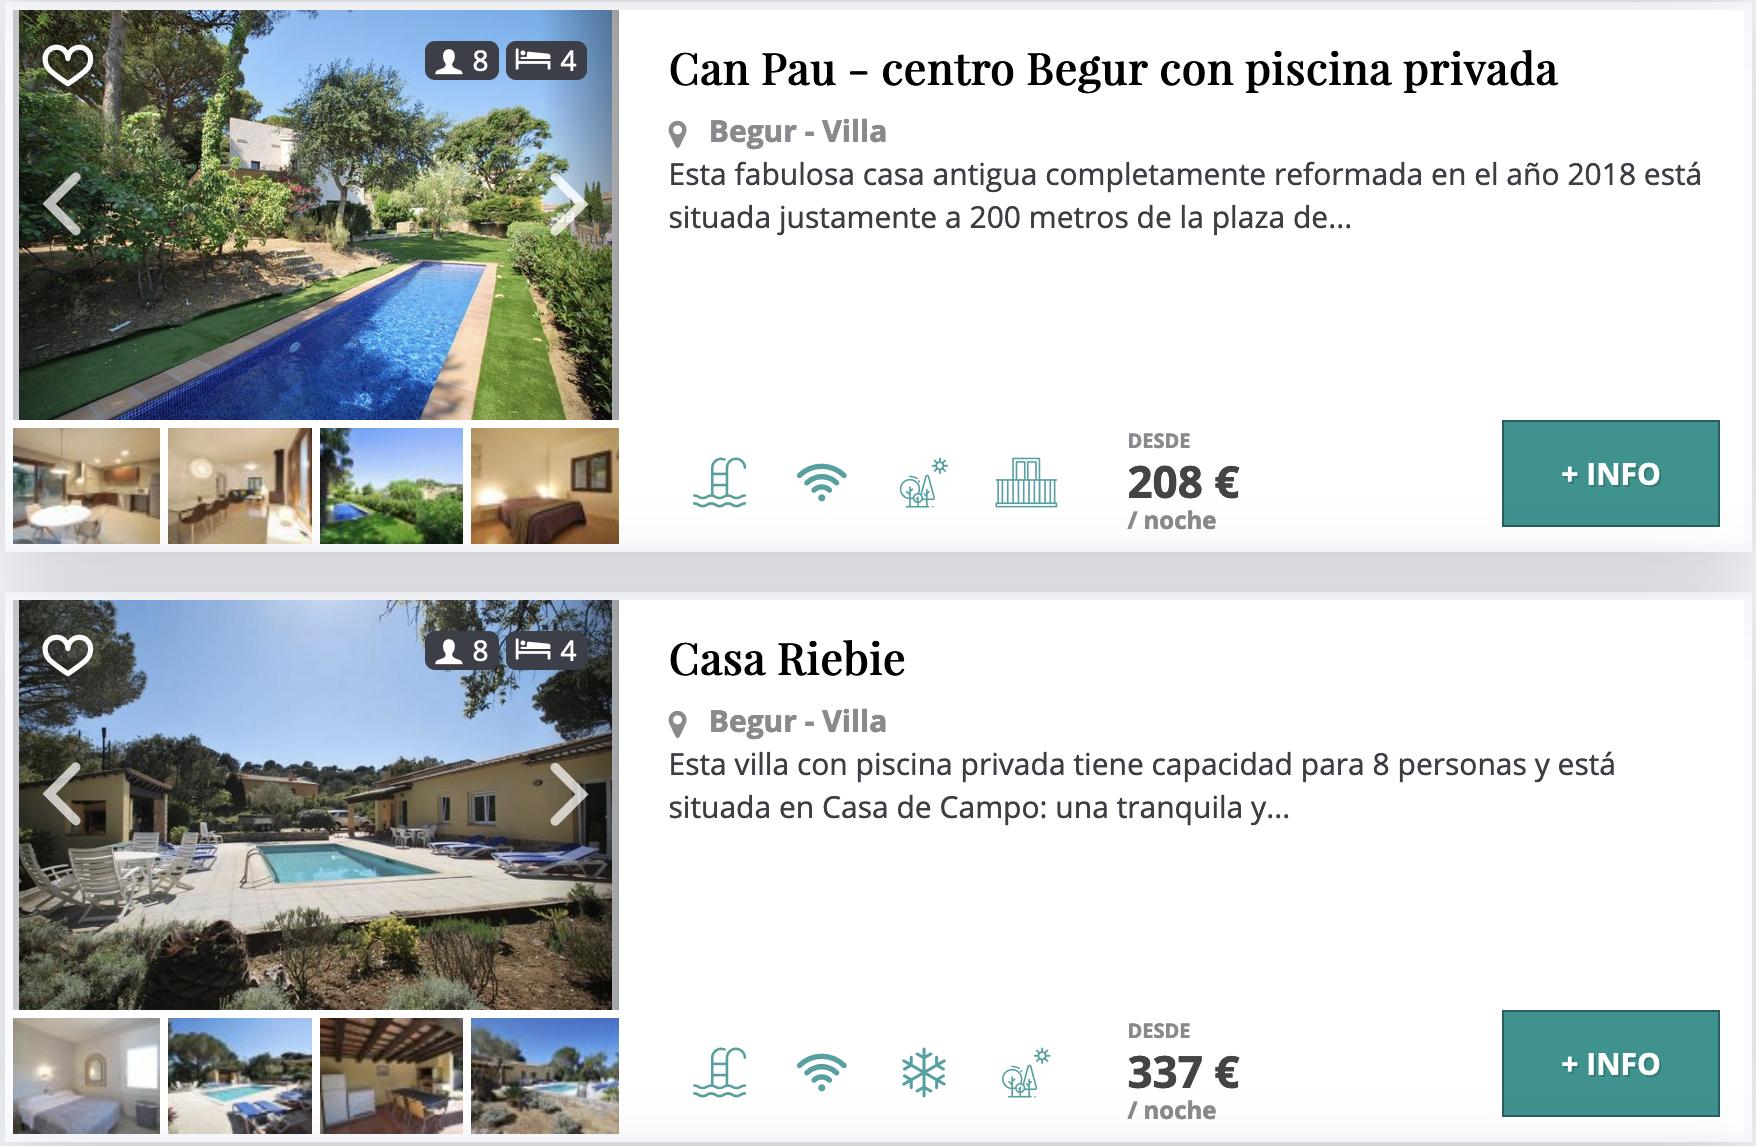 Villas con piscinan privada en Begur